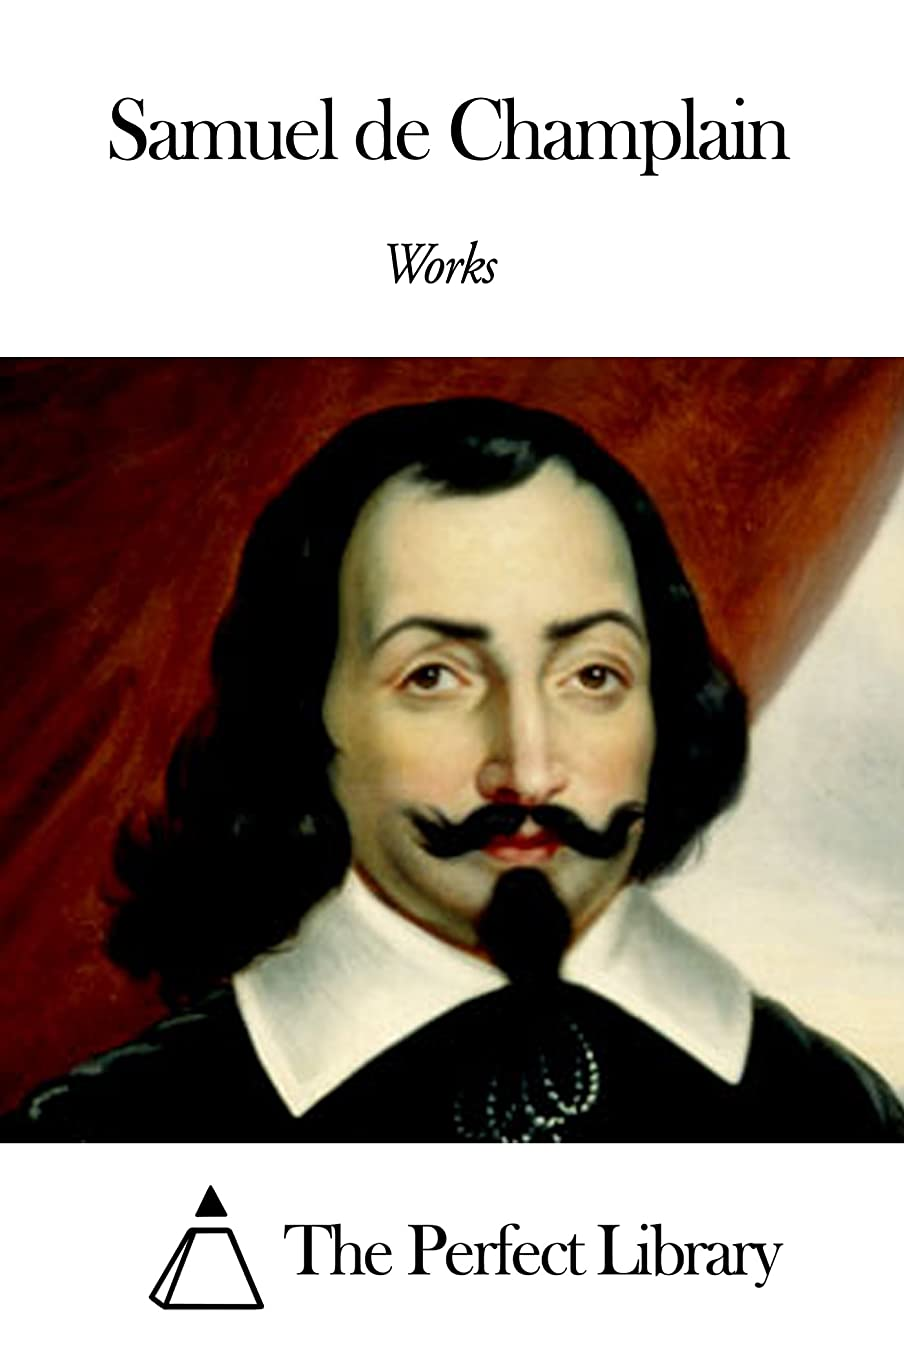 防腐剤フォーカス社会科Works of Samuel de Champlain (English Edition)